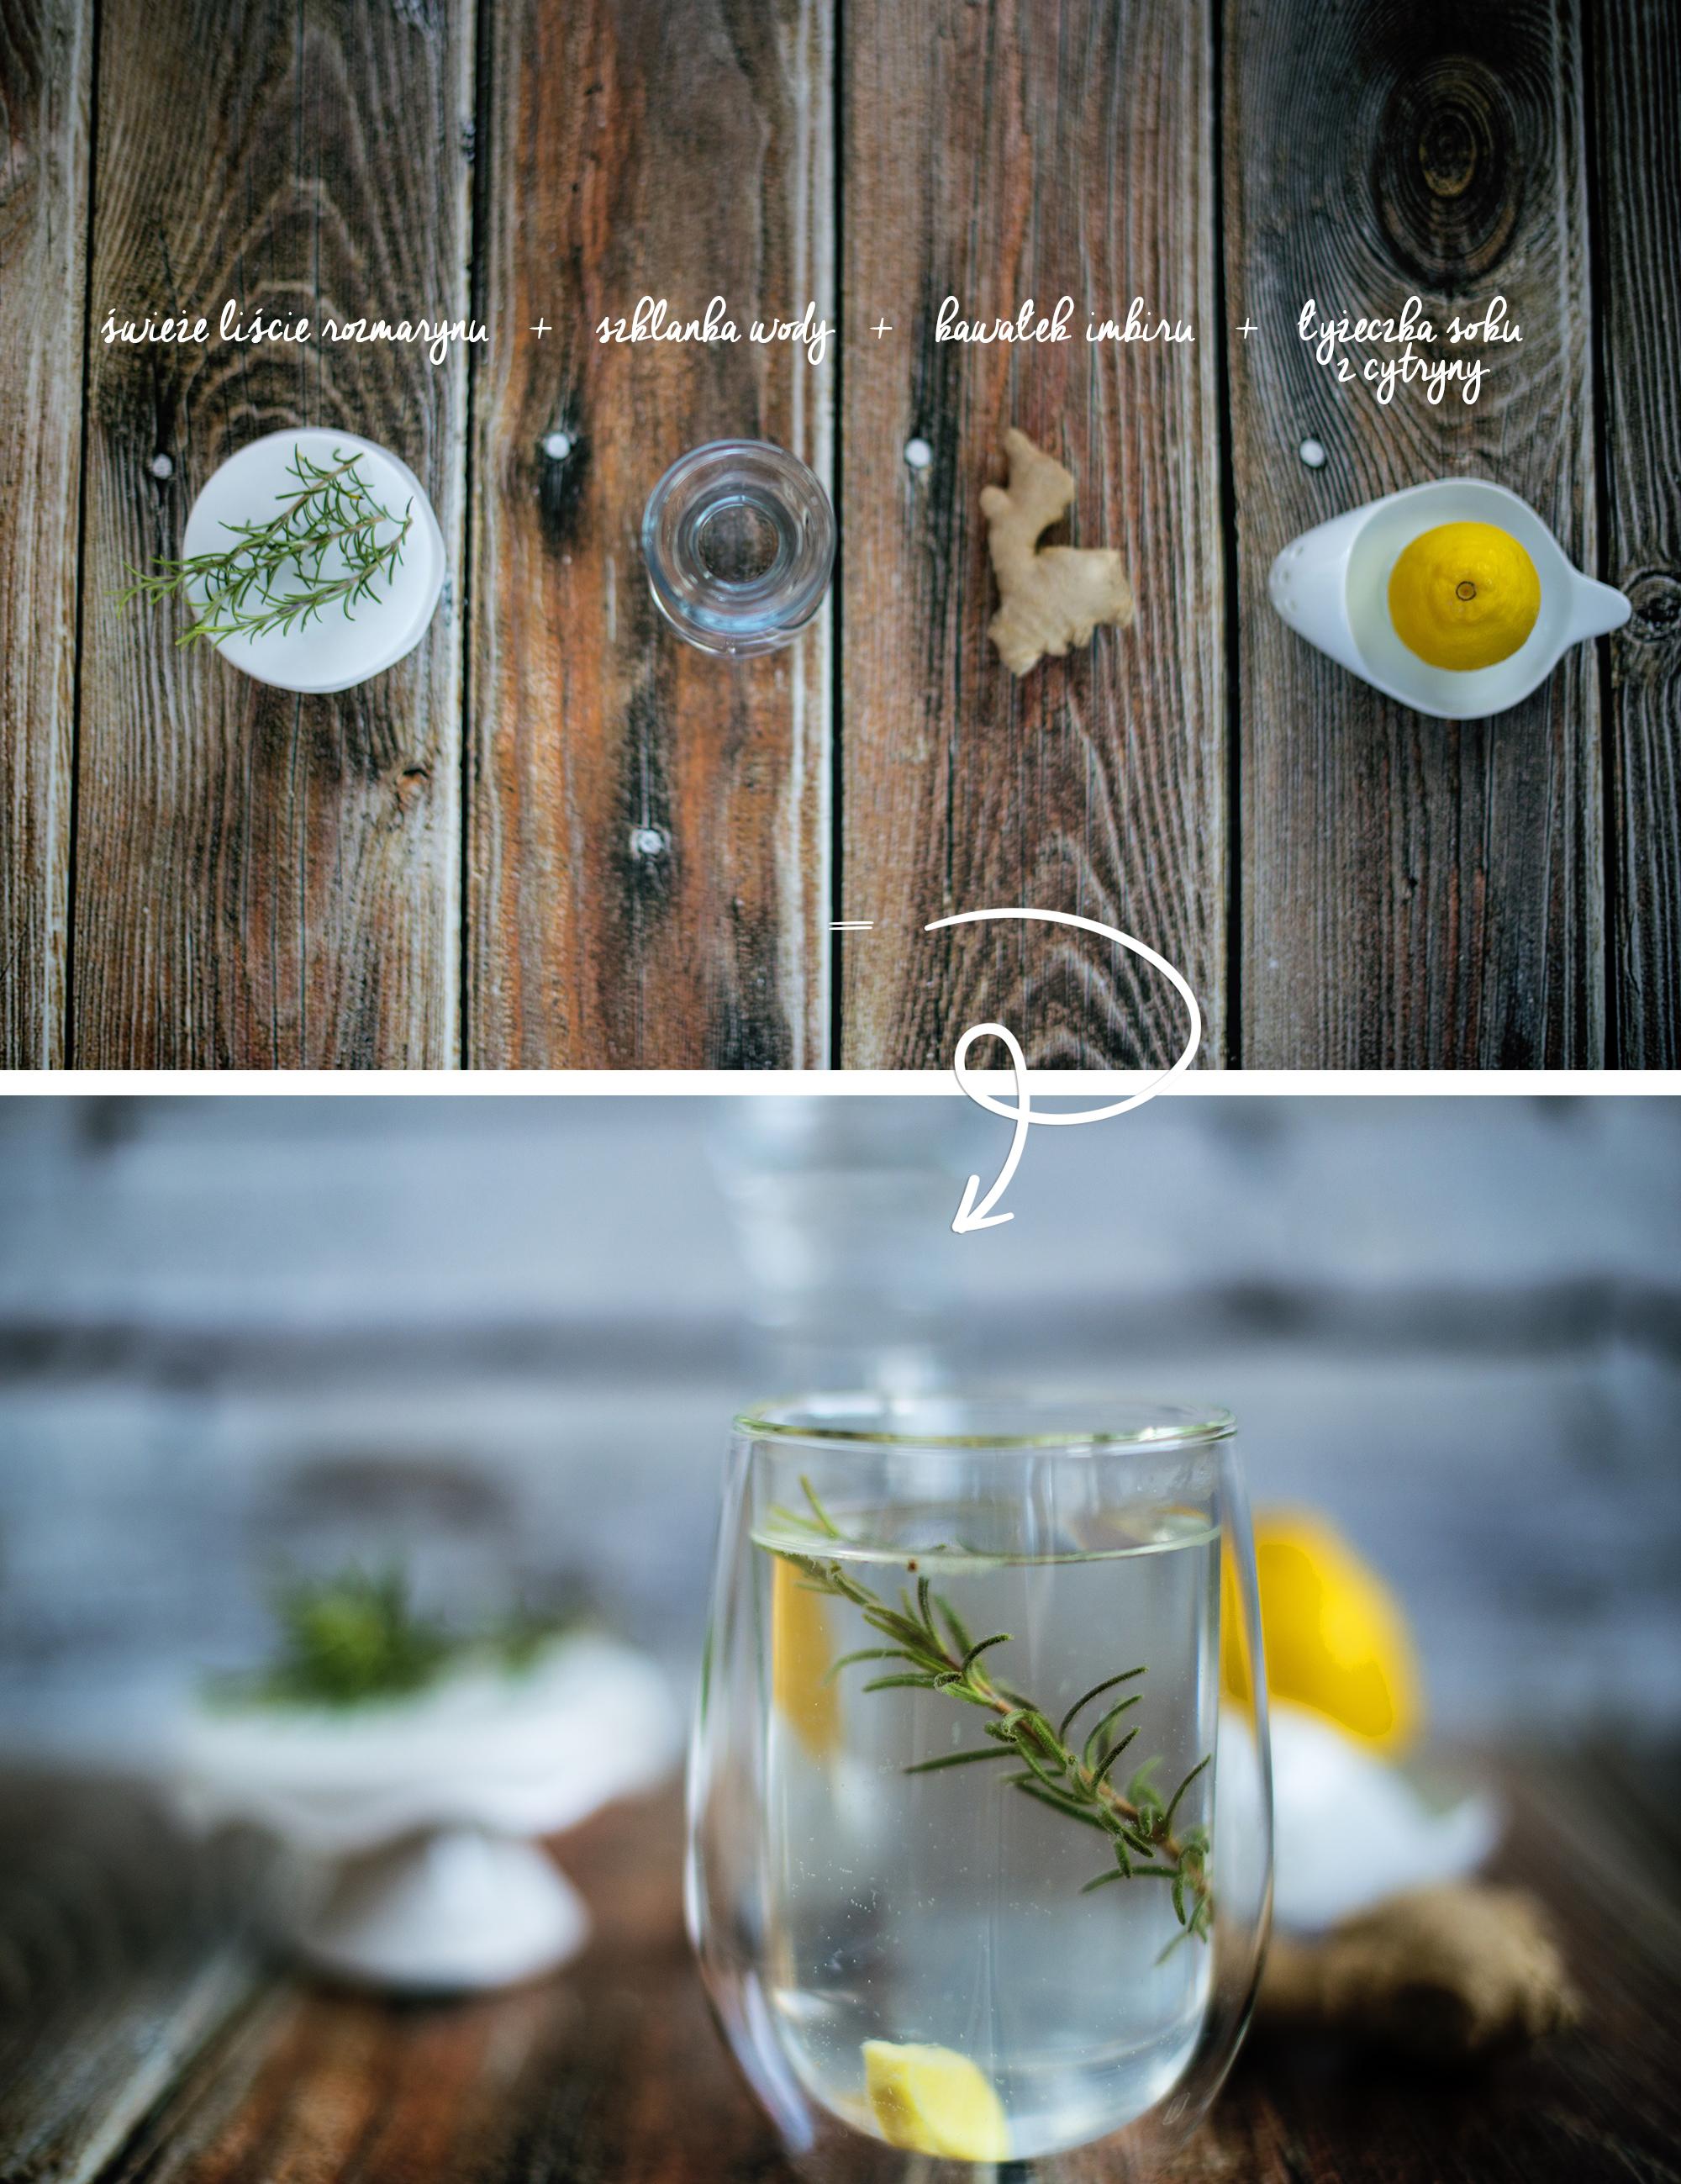 świeże liście rozmarynu, szklanka wody, kawałek imbiru, łyzeczka soku z cytryny 2